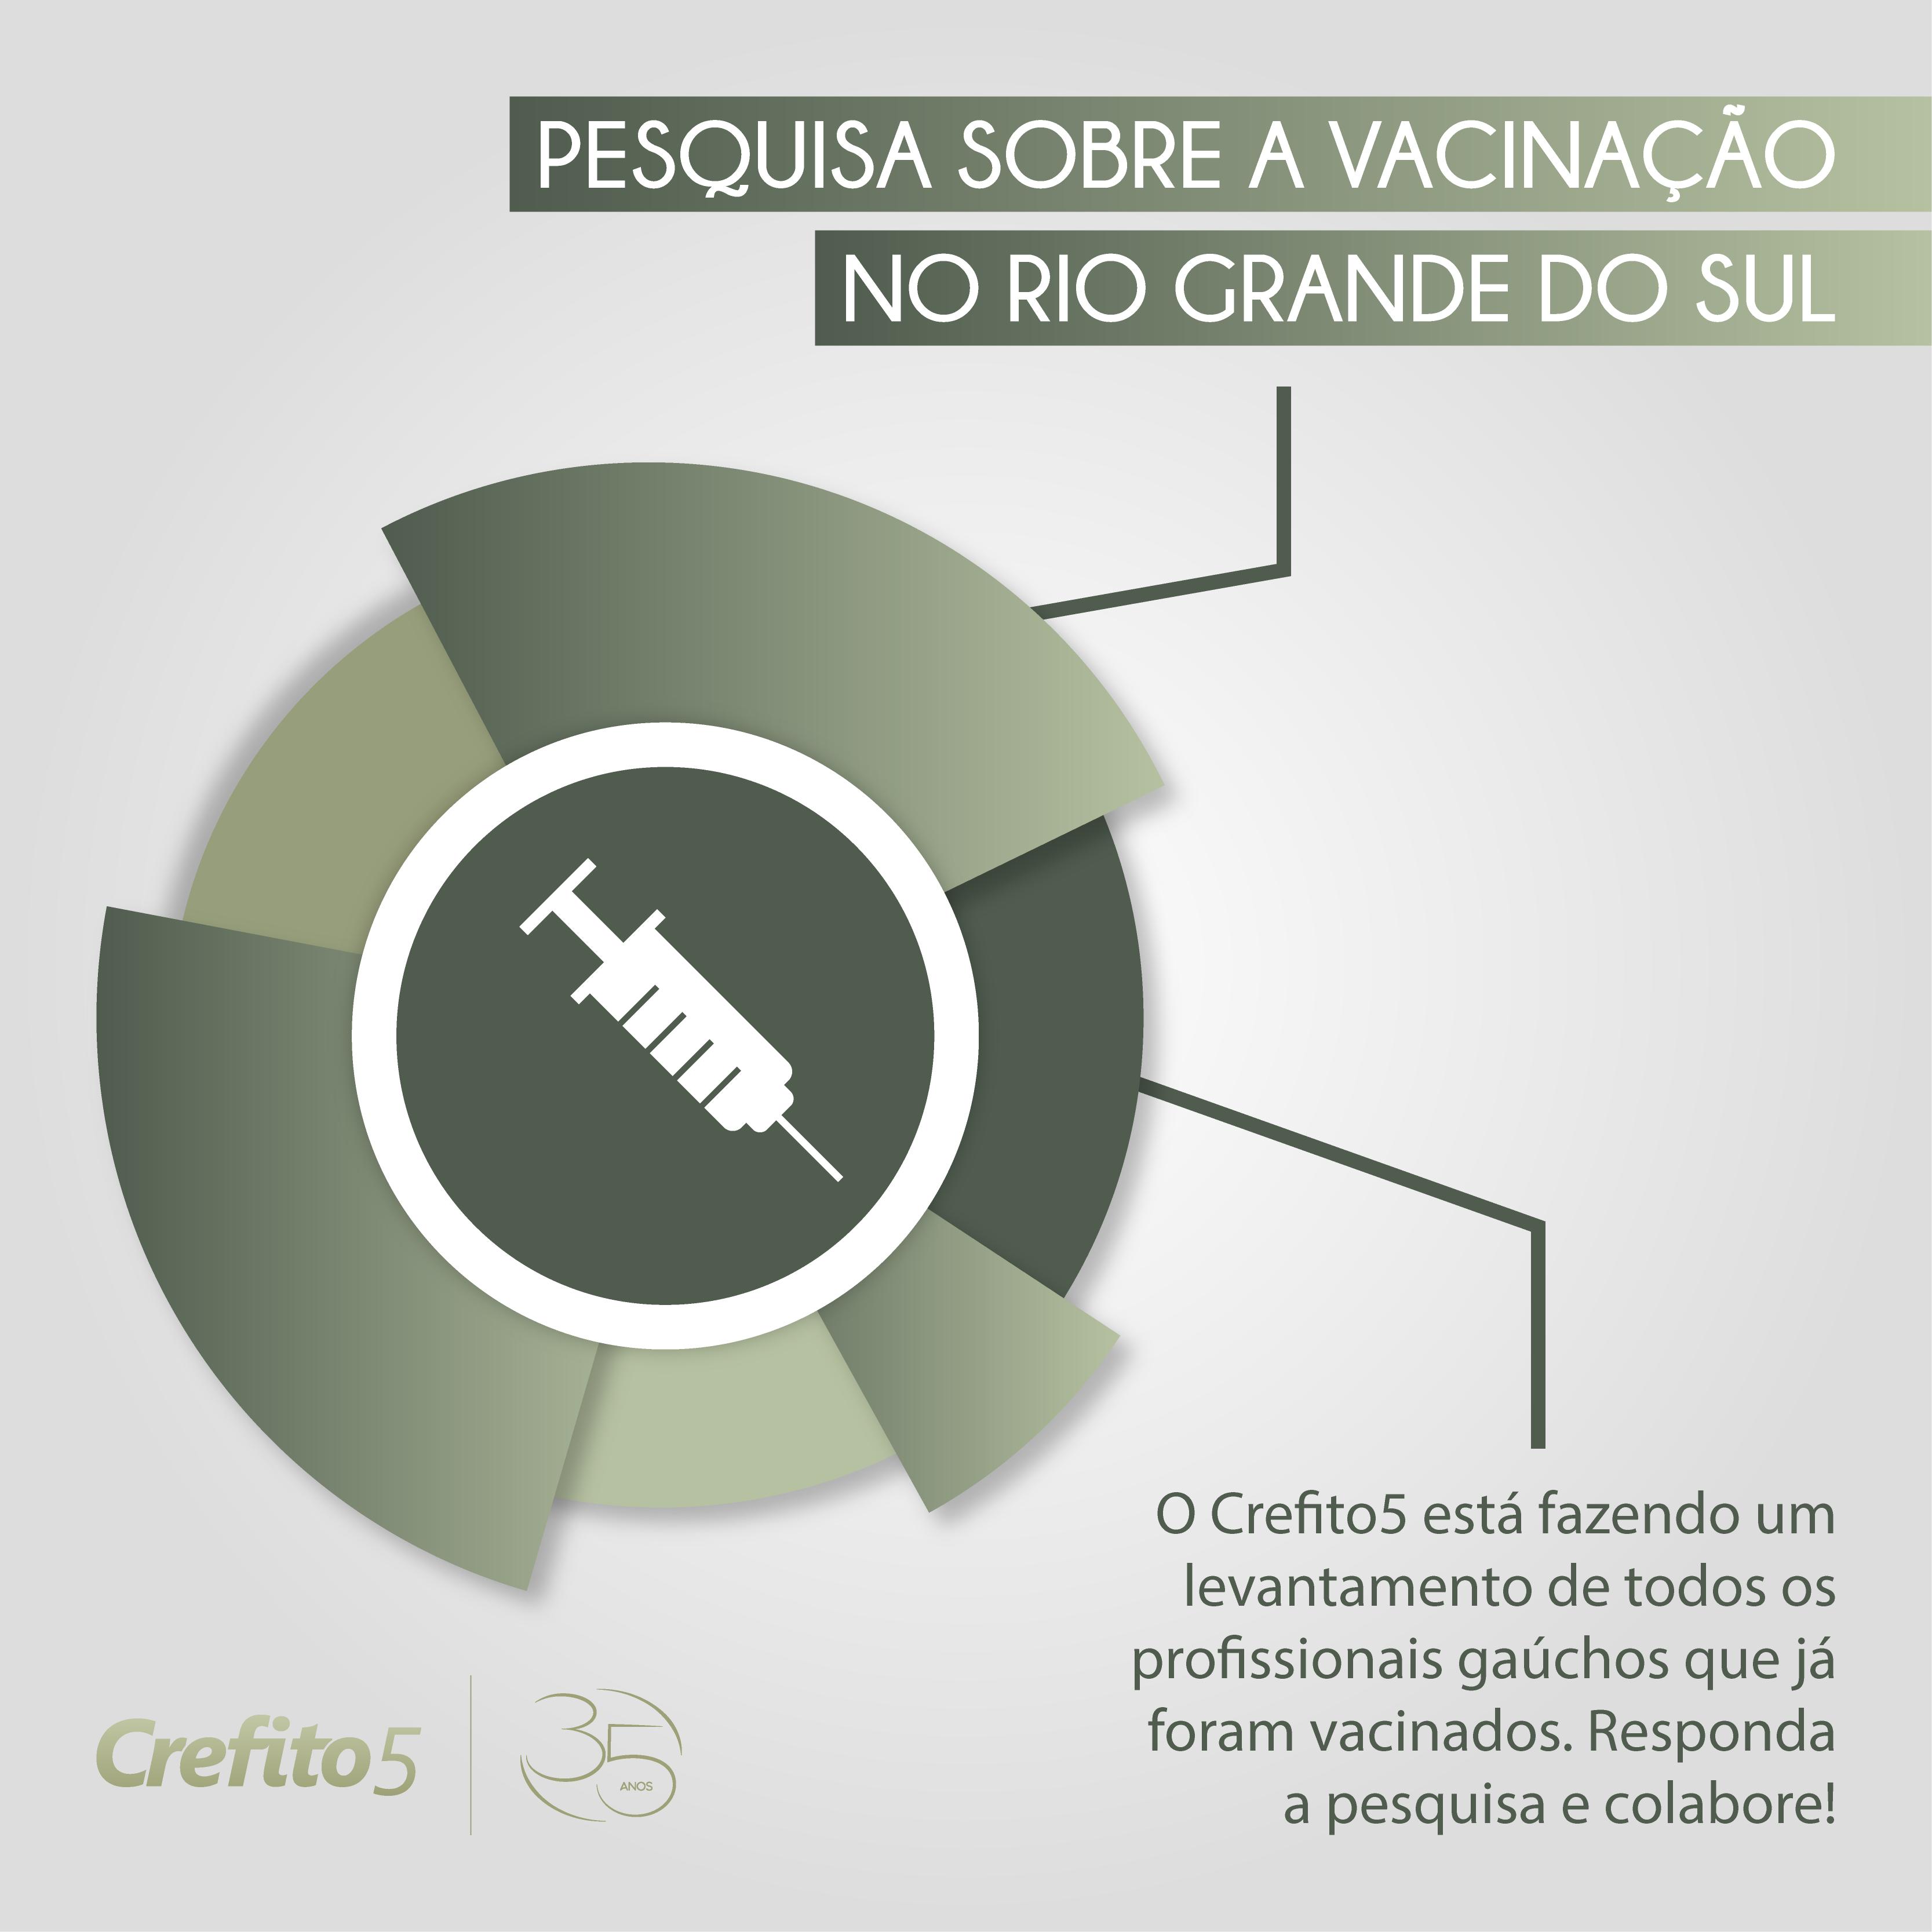 PESQUISA sobre a vacinação de fisioterapeutas e terapeutas ocupacionais no Rio Grande do Sul